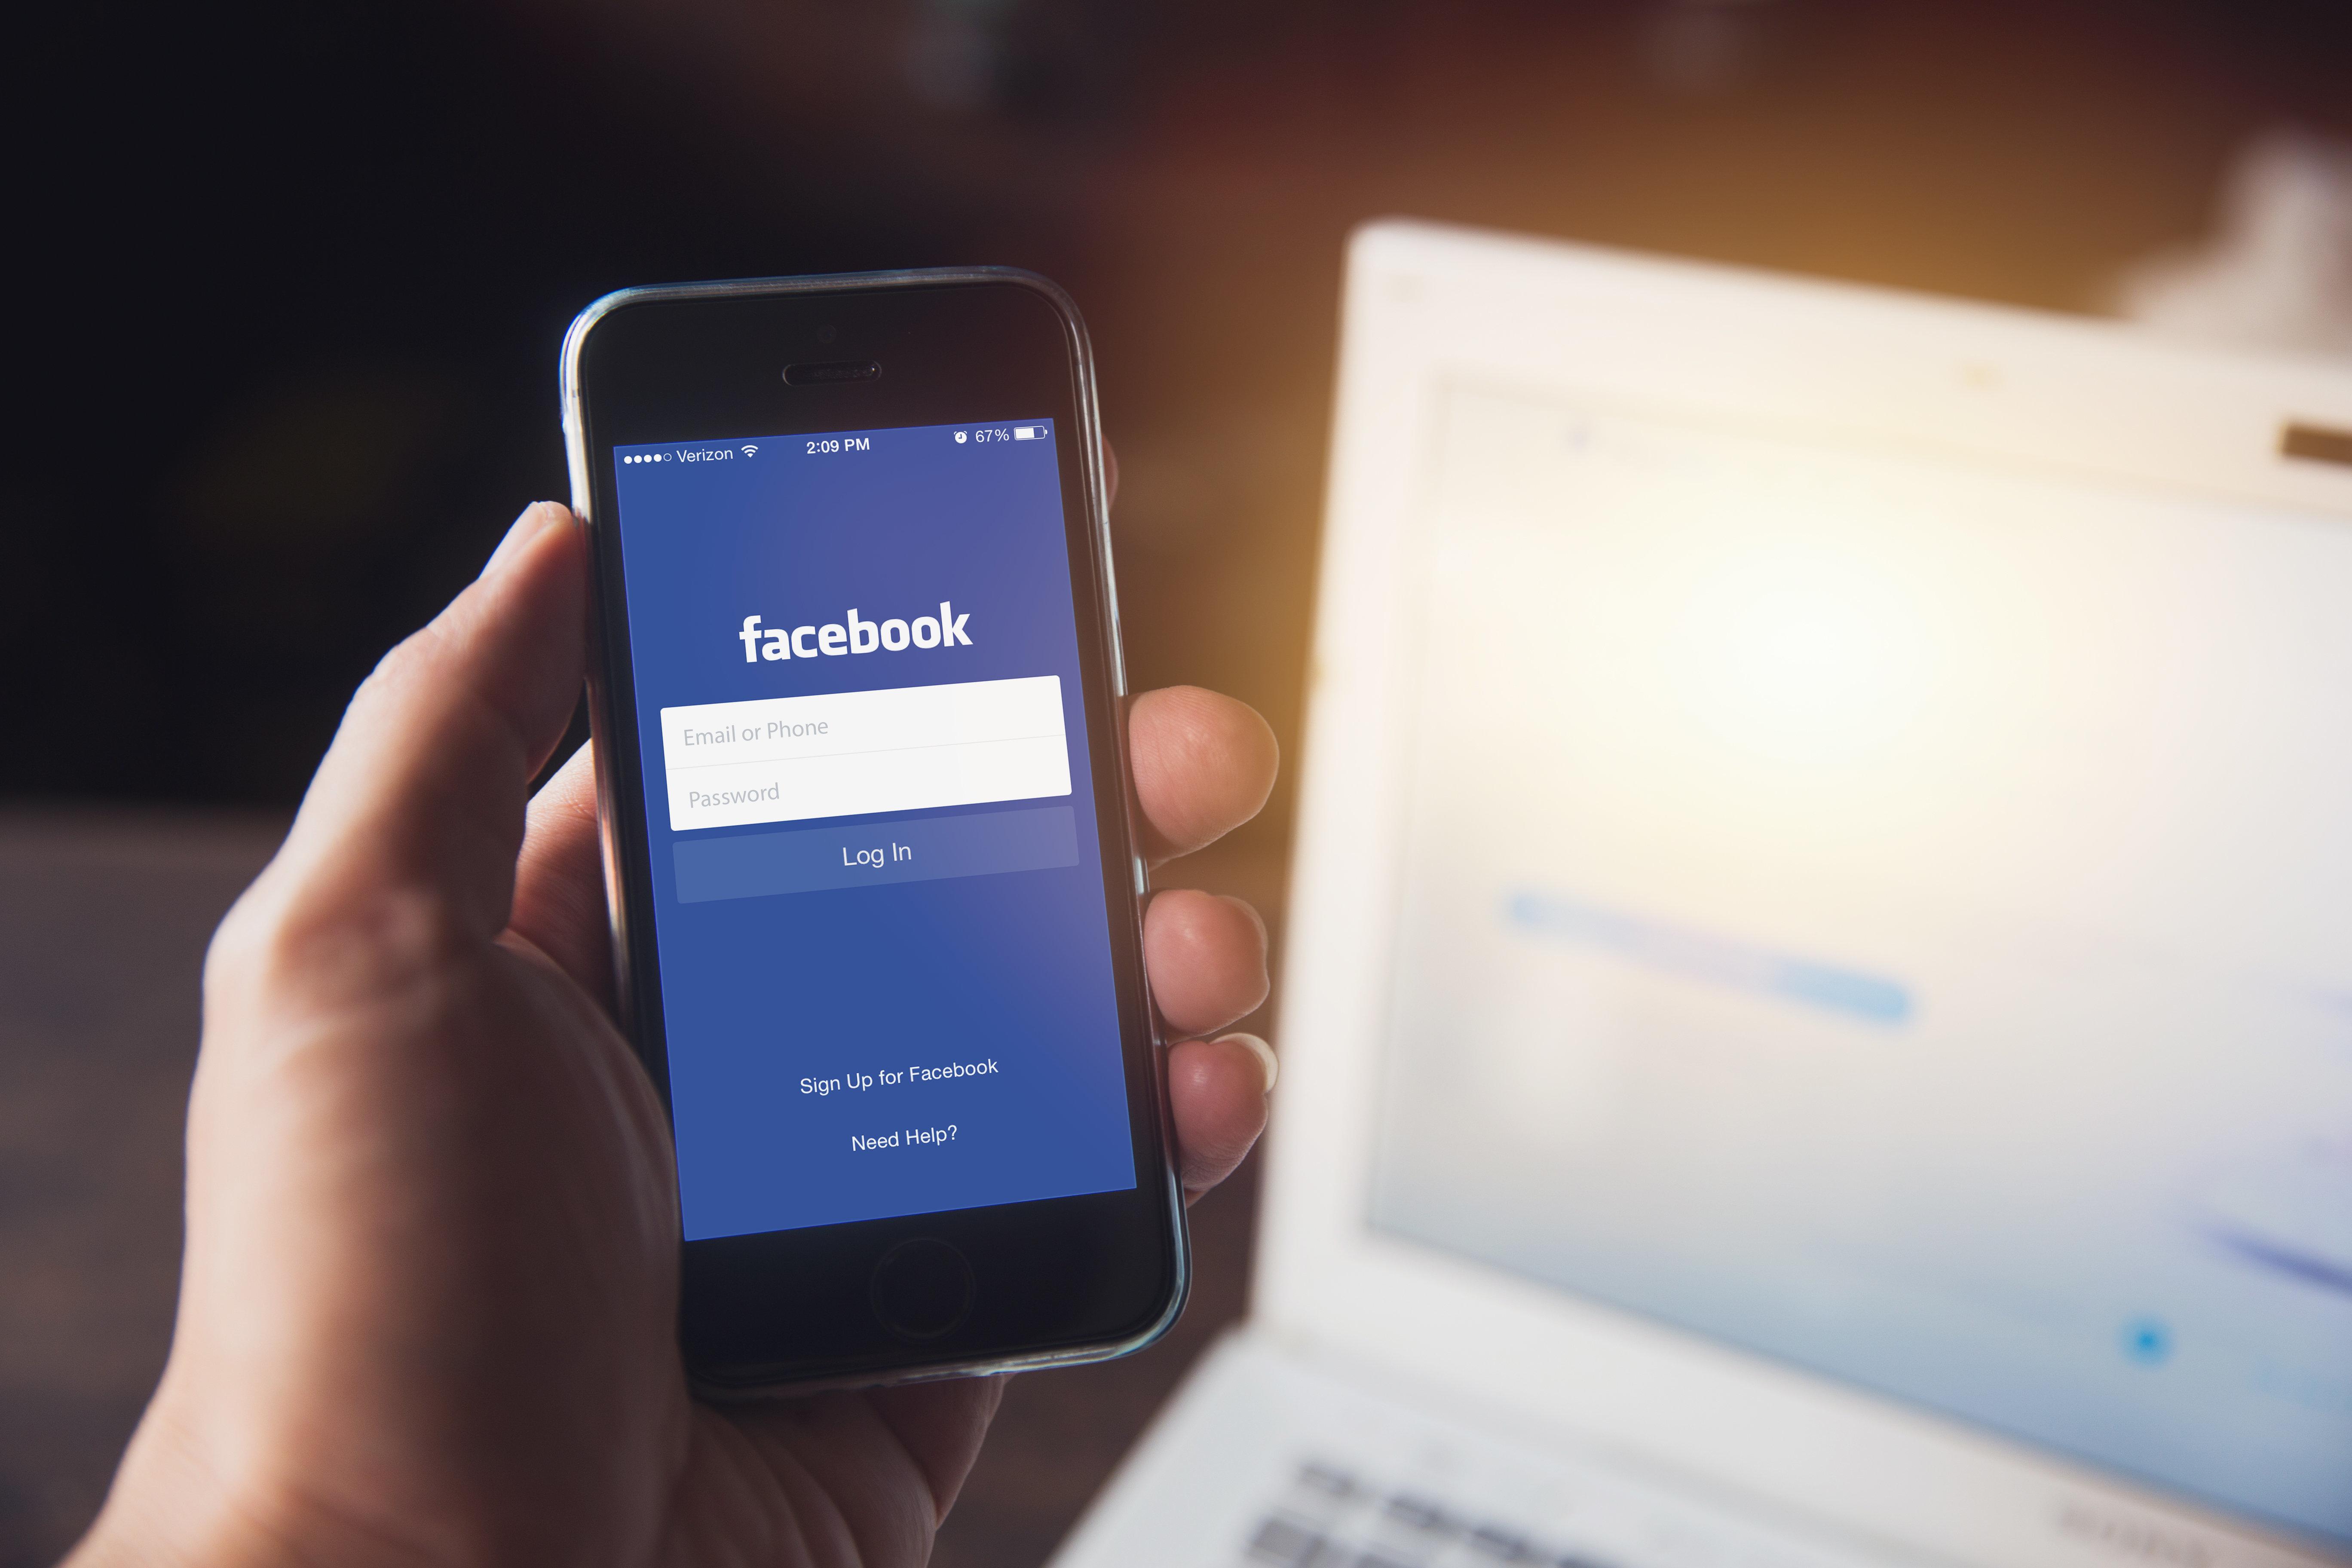 Facebook: prêt à croître même aux dépens des